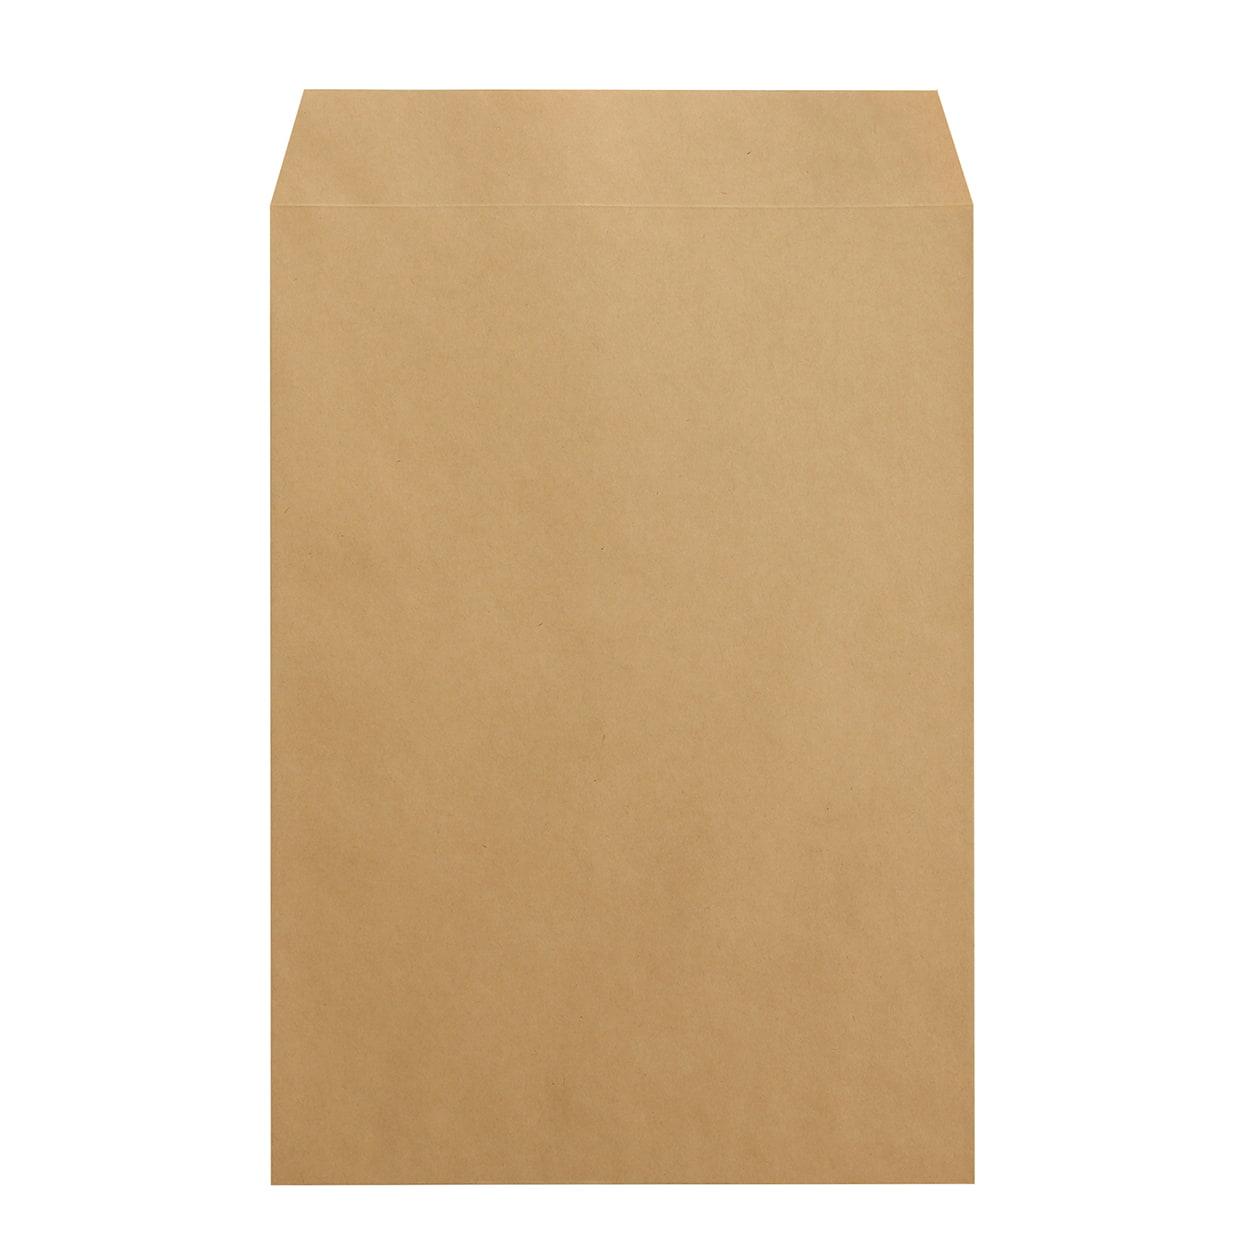 角2封筒 未晒クラフト 100g